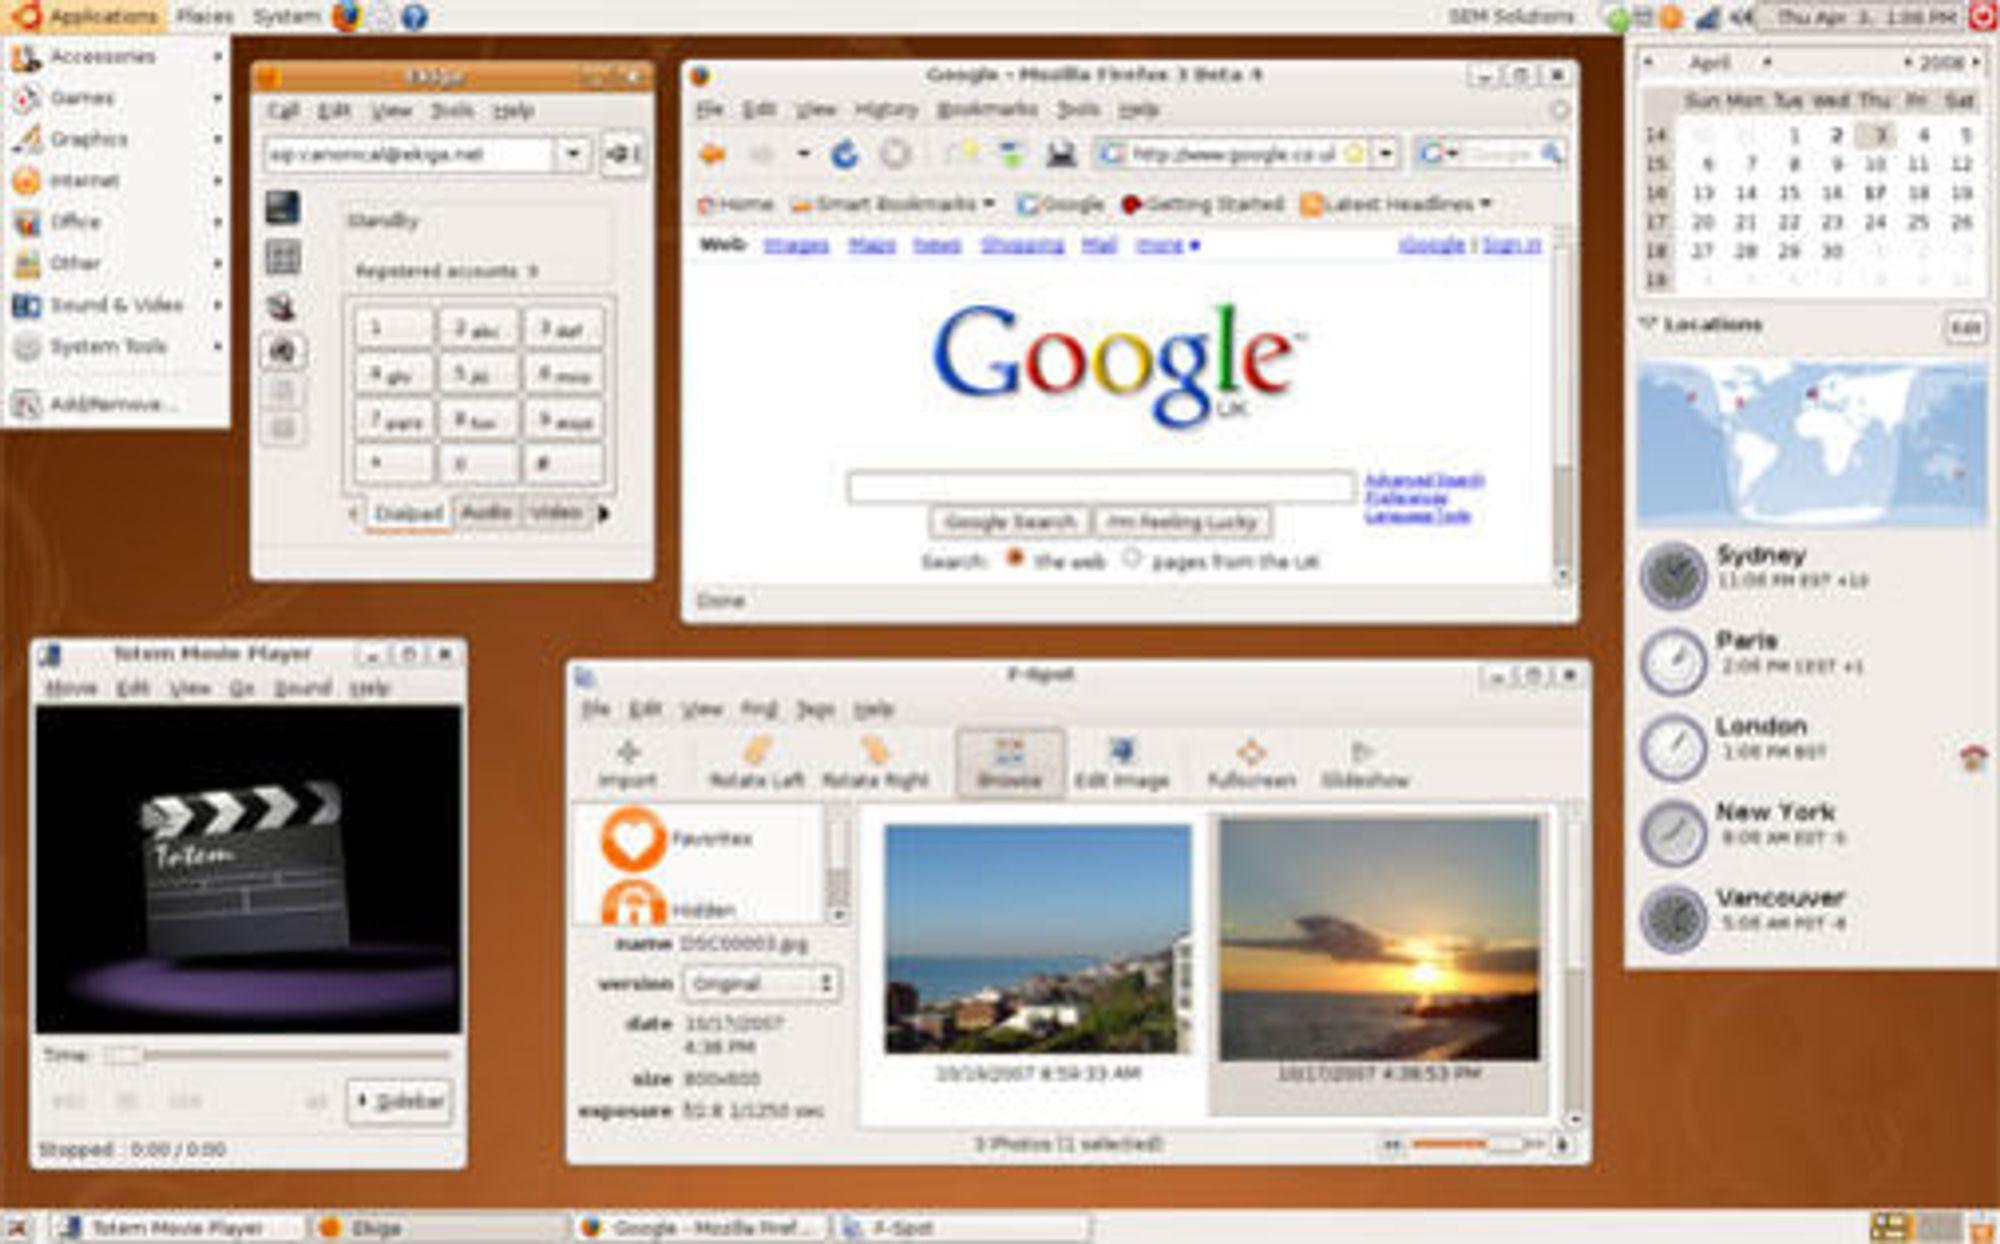 Ubuntu ser ganske bra ut allerede, men nå skal det blir enda bedre.